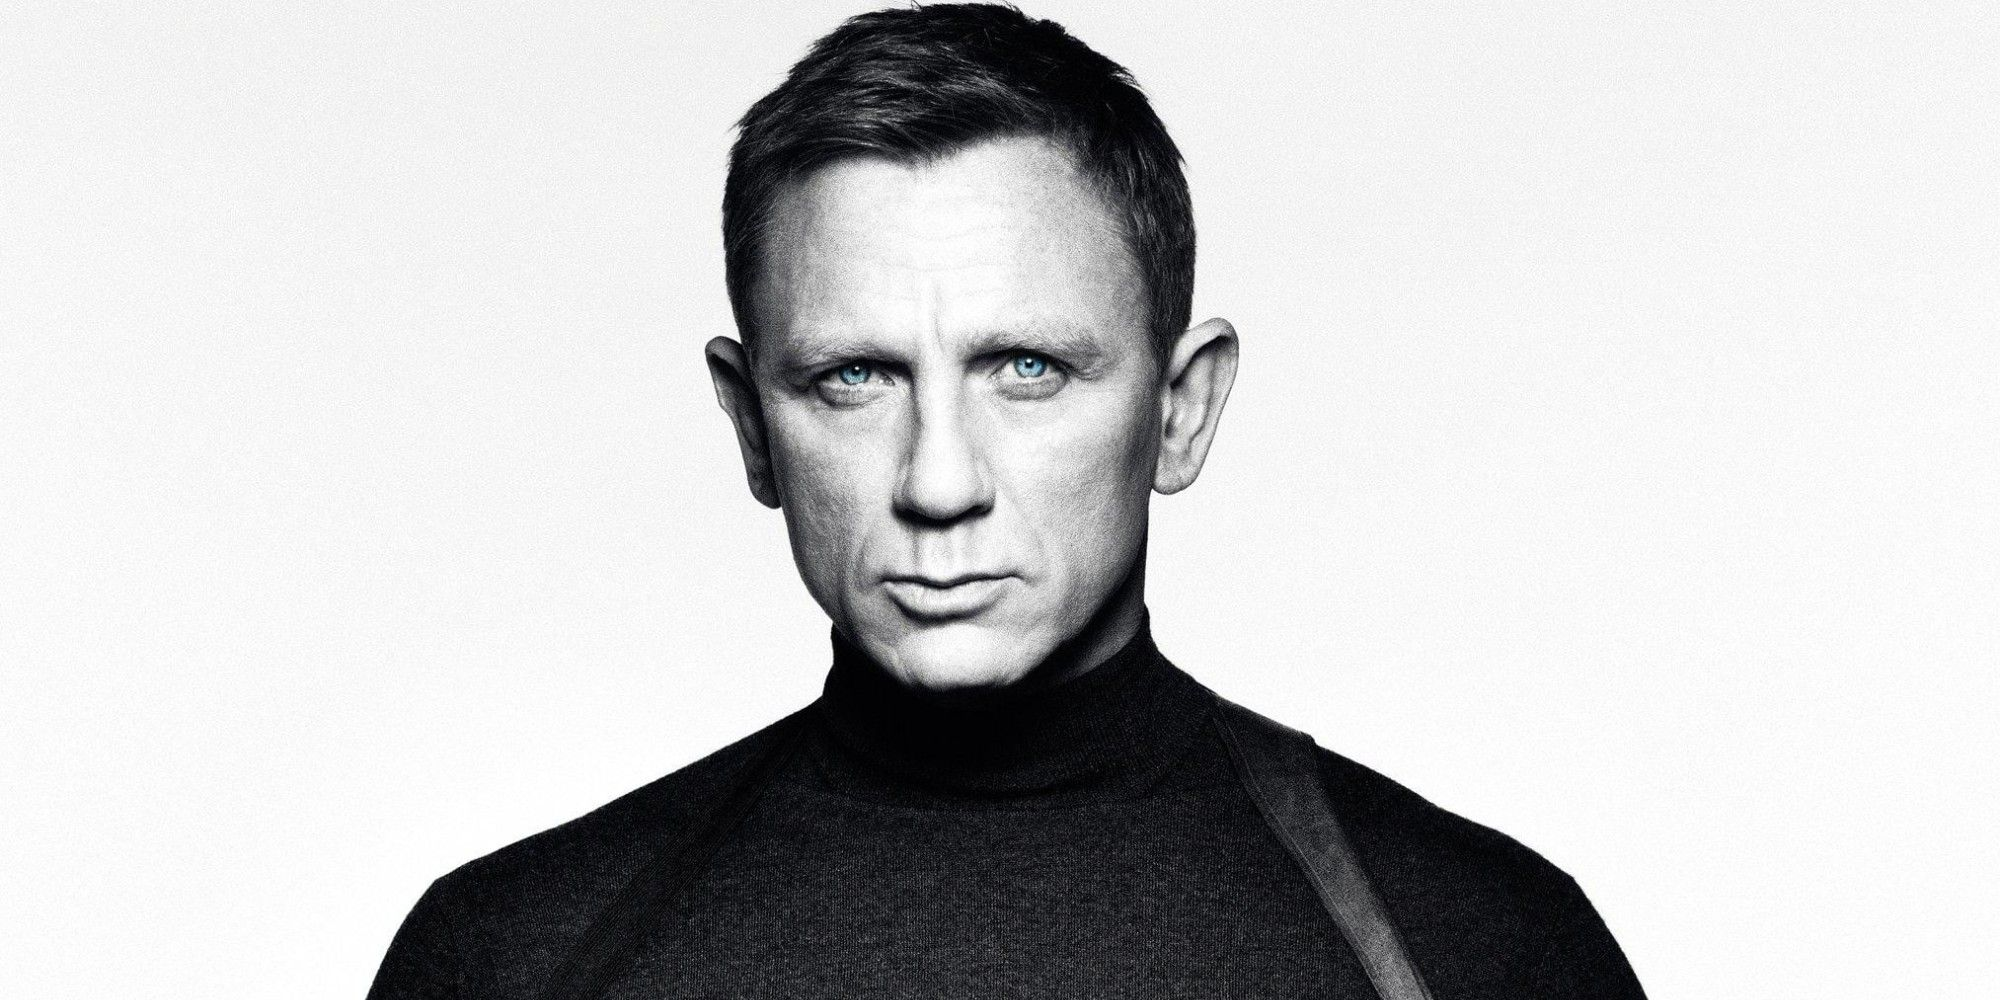 Daniel Craig Confirms Bond 25 Is His Last (& Won't Direct)